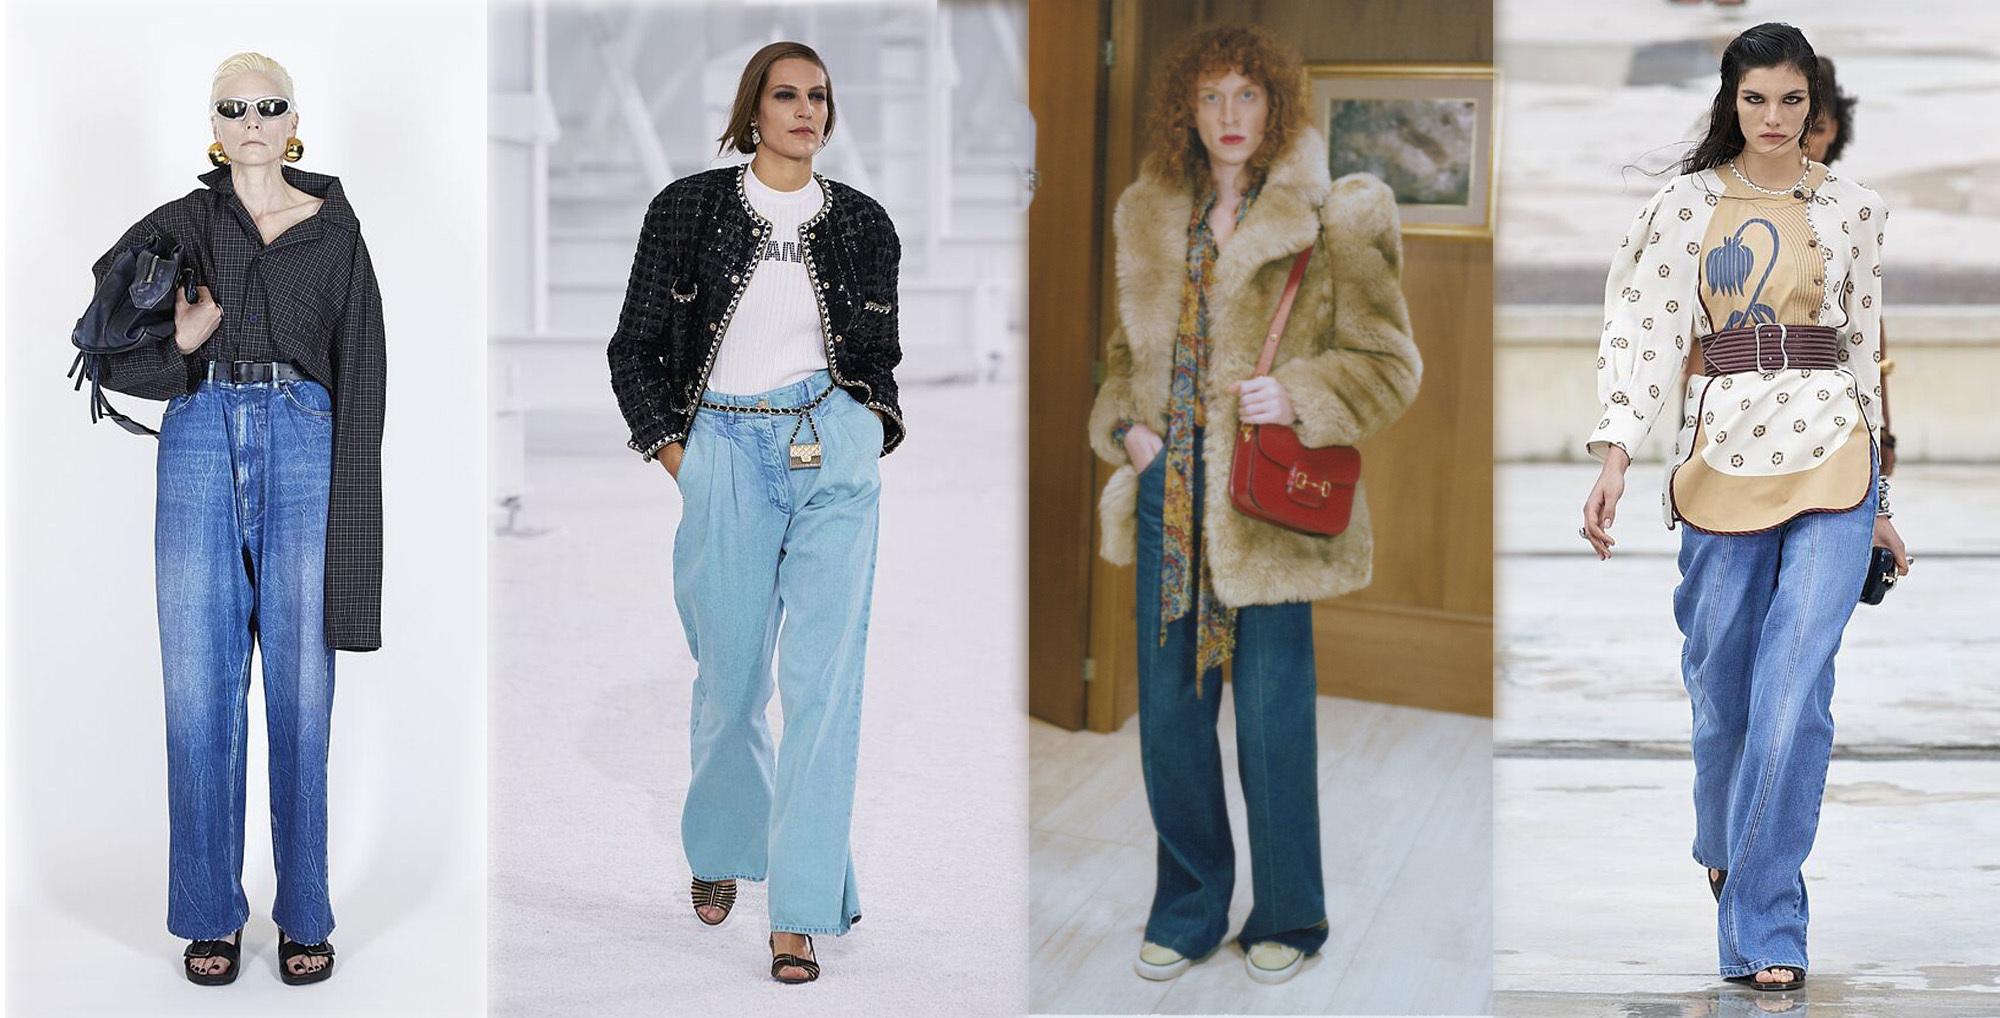 Colecciones S/S 2021 de Balenciaga, Chanel, Gucci y Chloé.